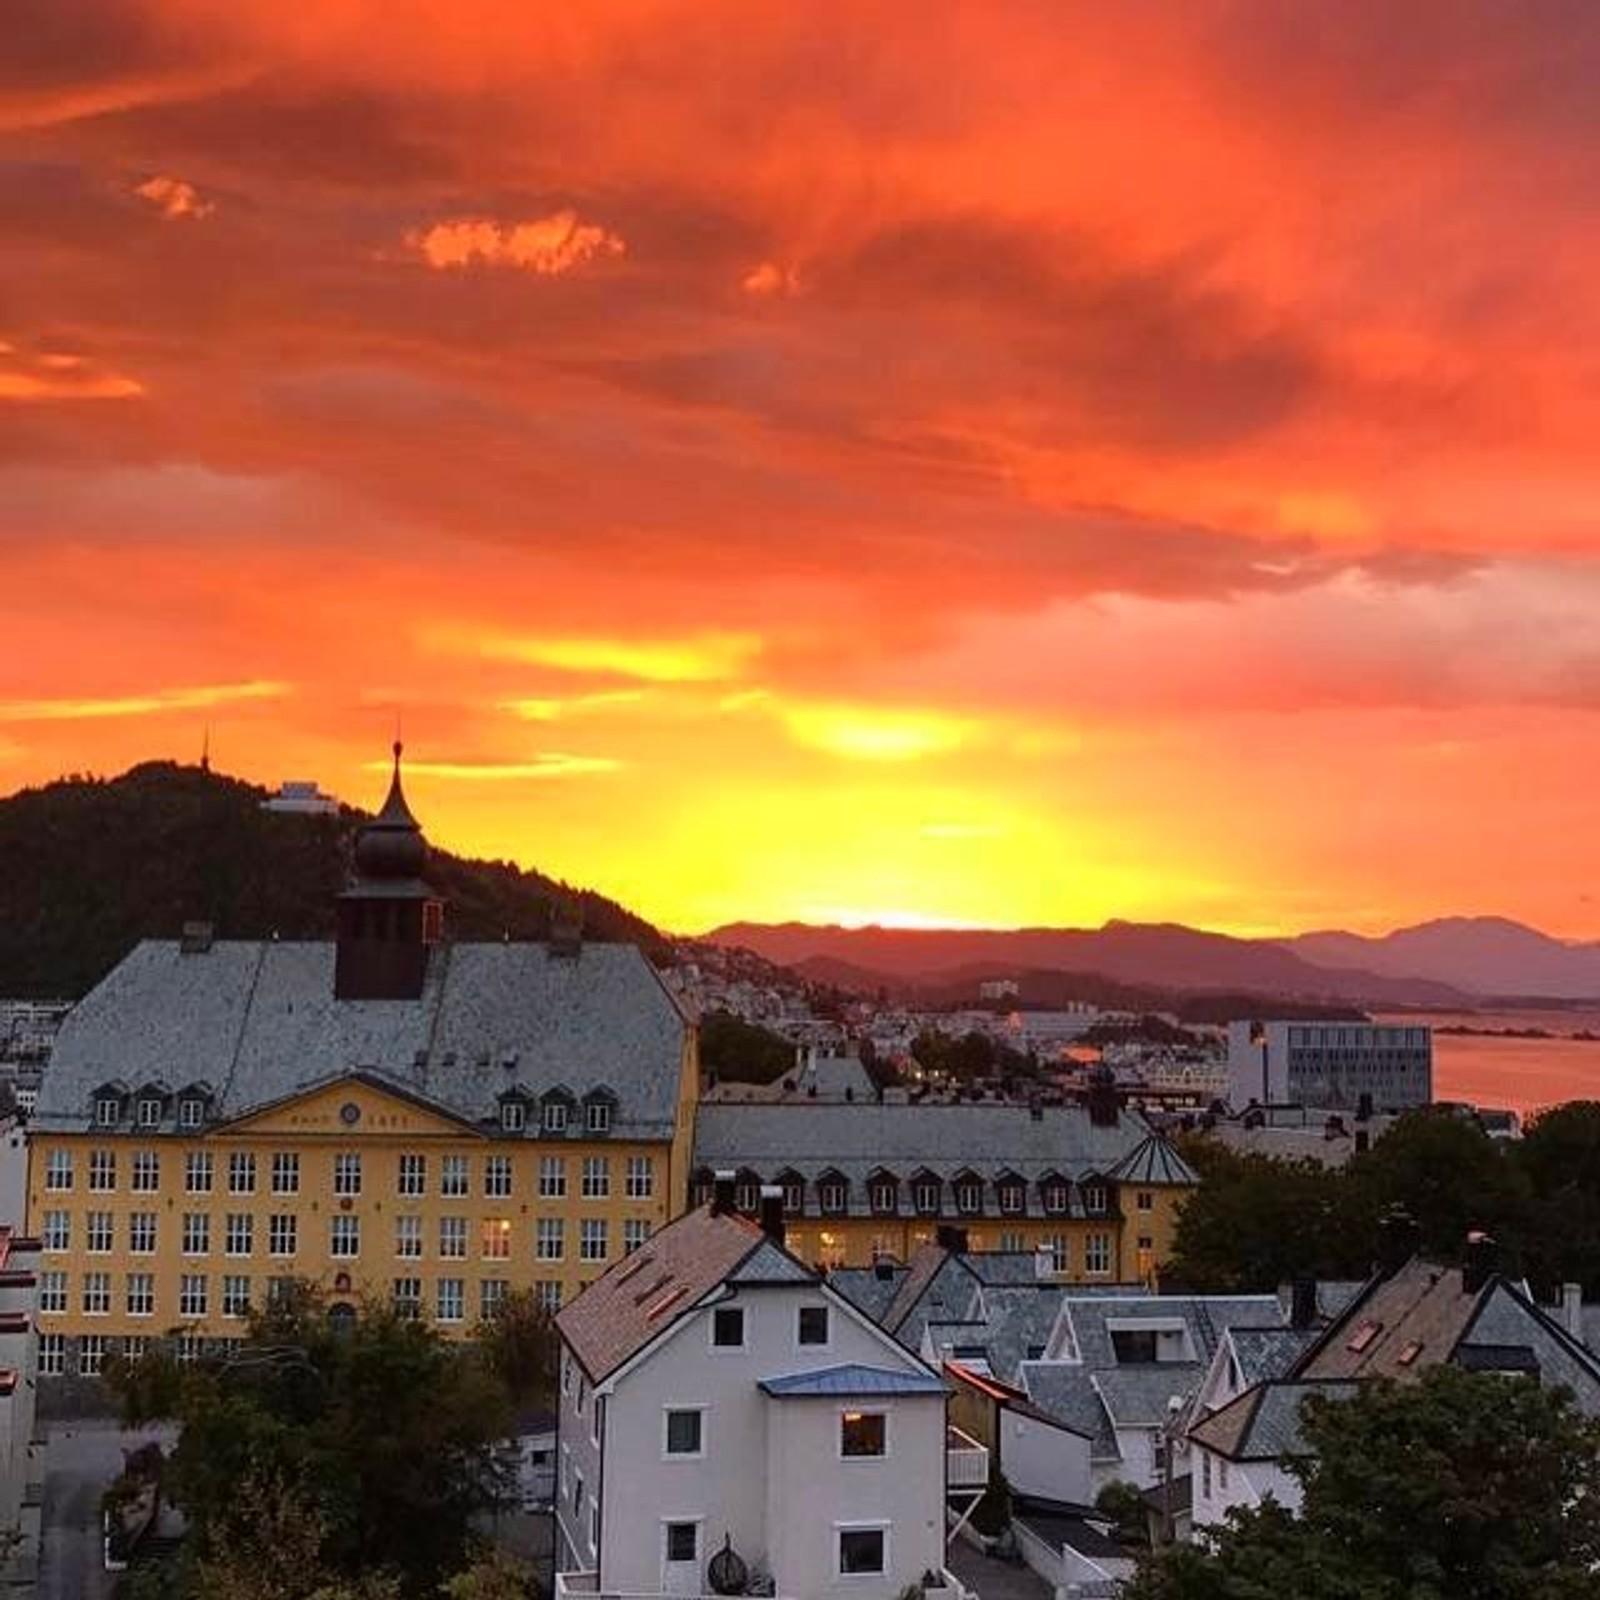 Soloppgang i Ålesund. tonesiriSoloppgang og himmelen i brann ❤️ #sunrise #nrkmogr #ålesund #norway #bypatrioten